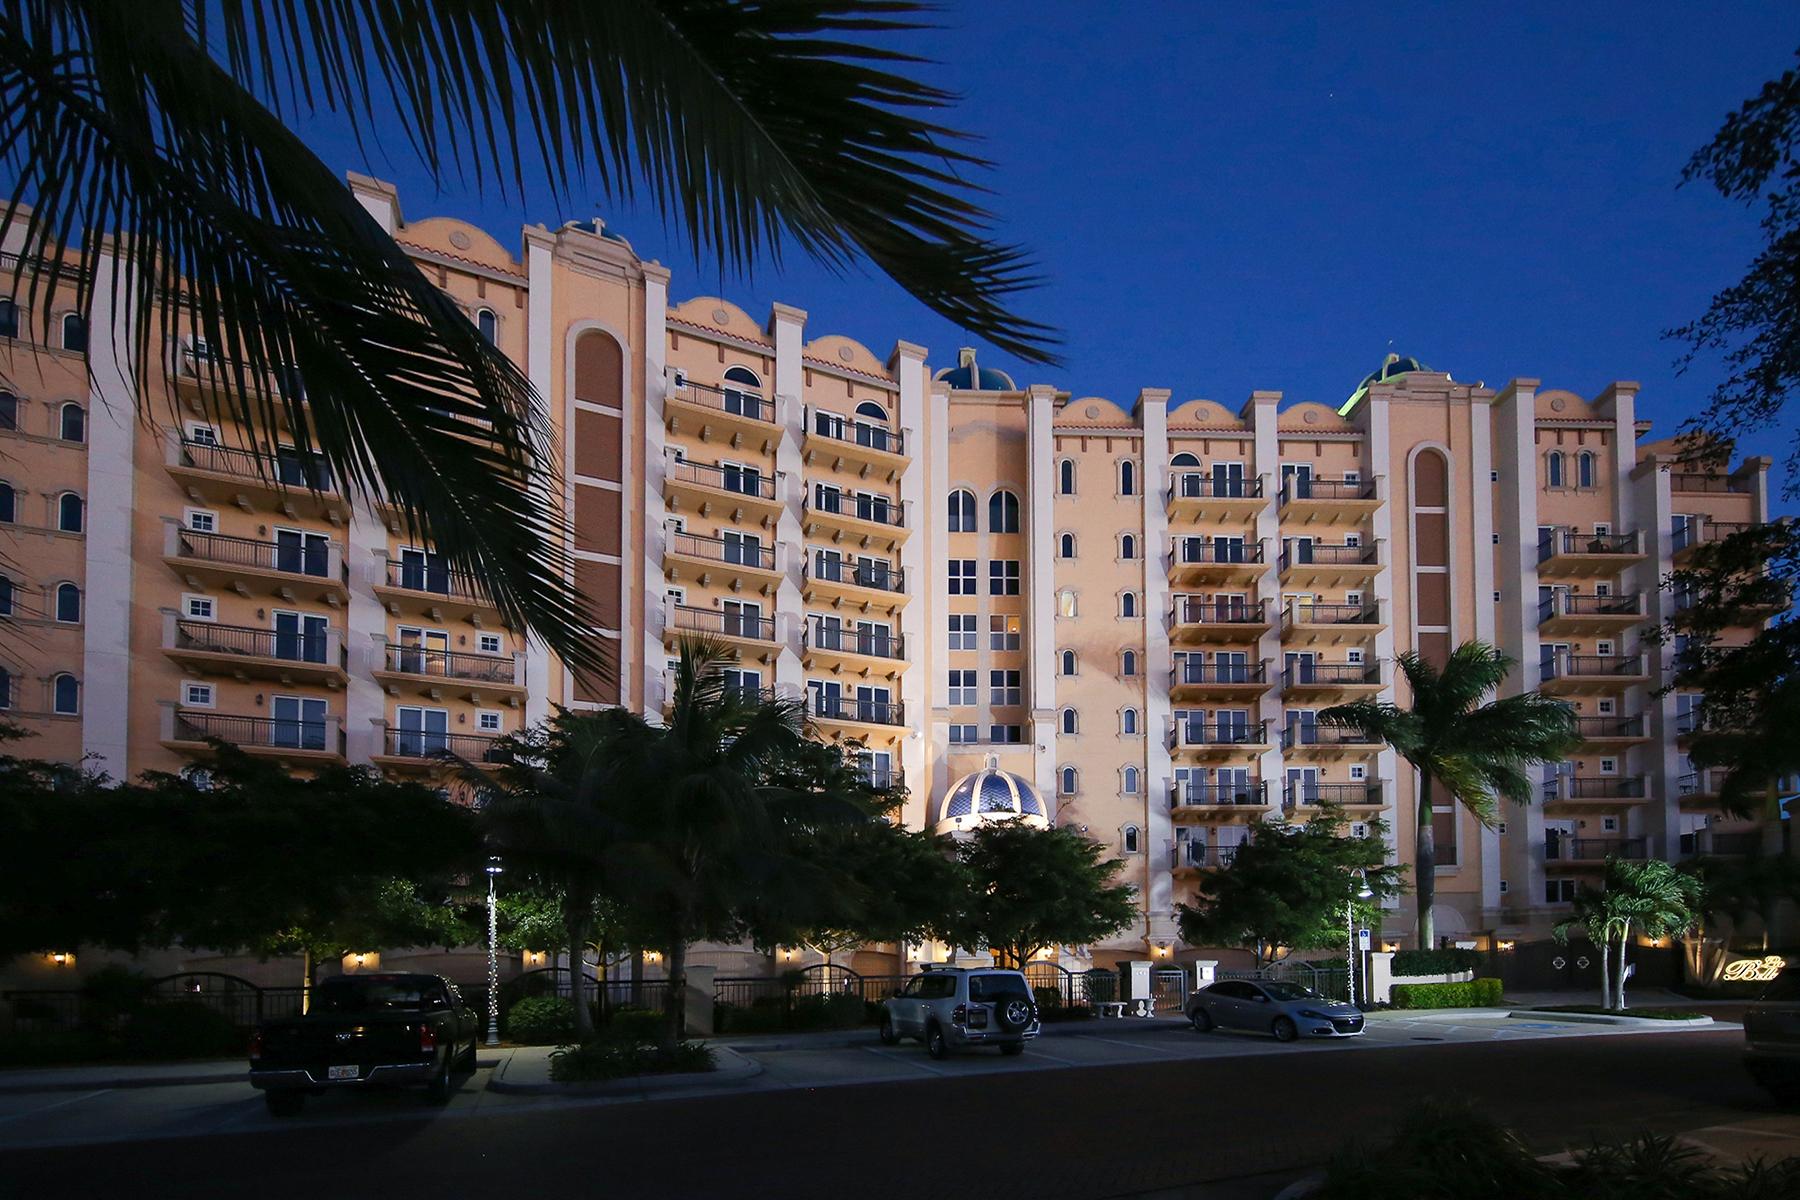 Eigentumswohnung für Verkauf beim LA BELLASARA 464 Golden Gate Pt 703 Sarasota, Florida, 34236 Vereinigte Staaten